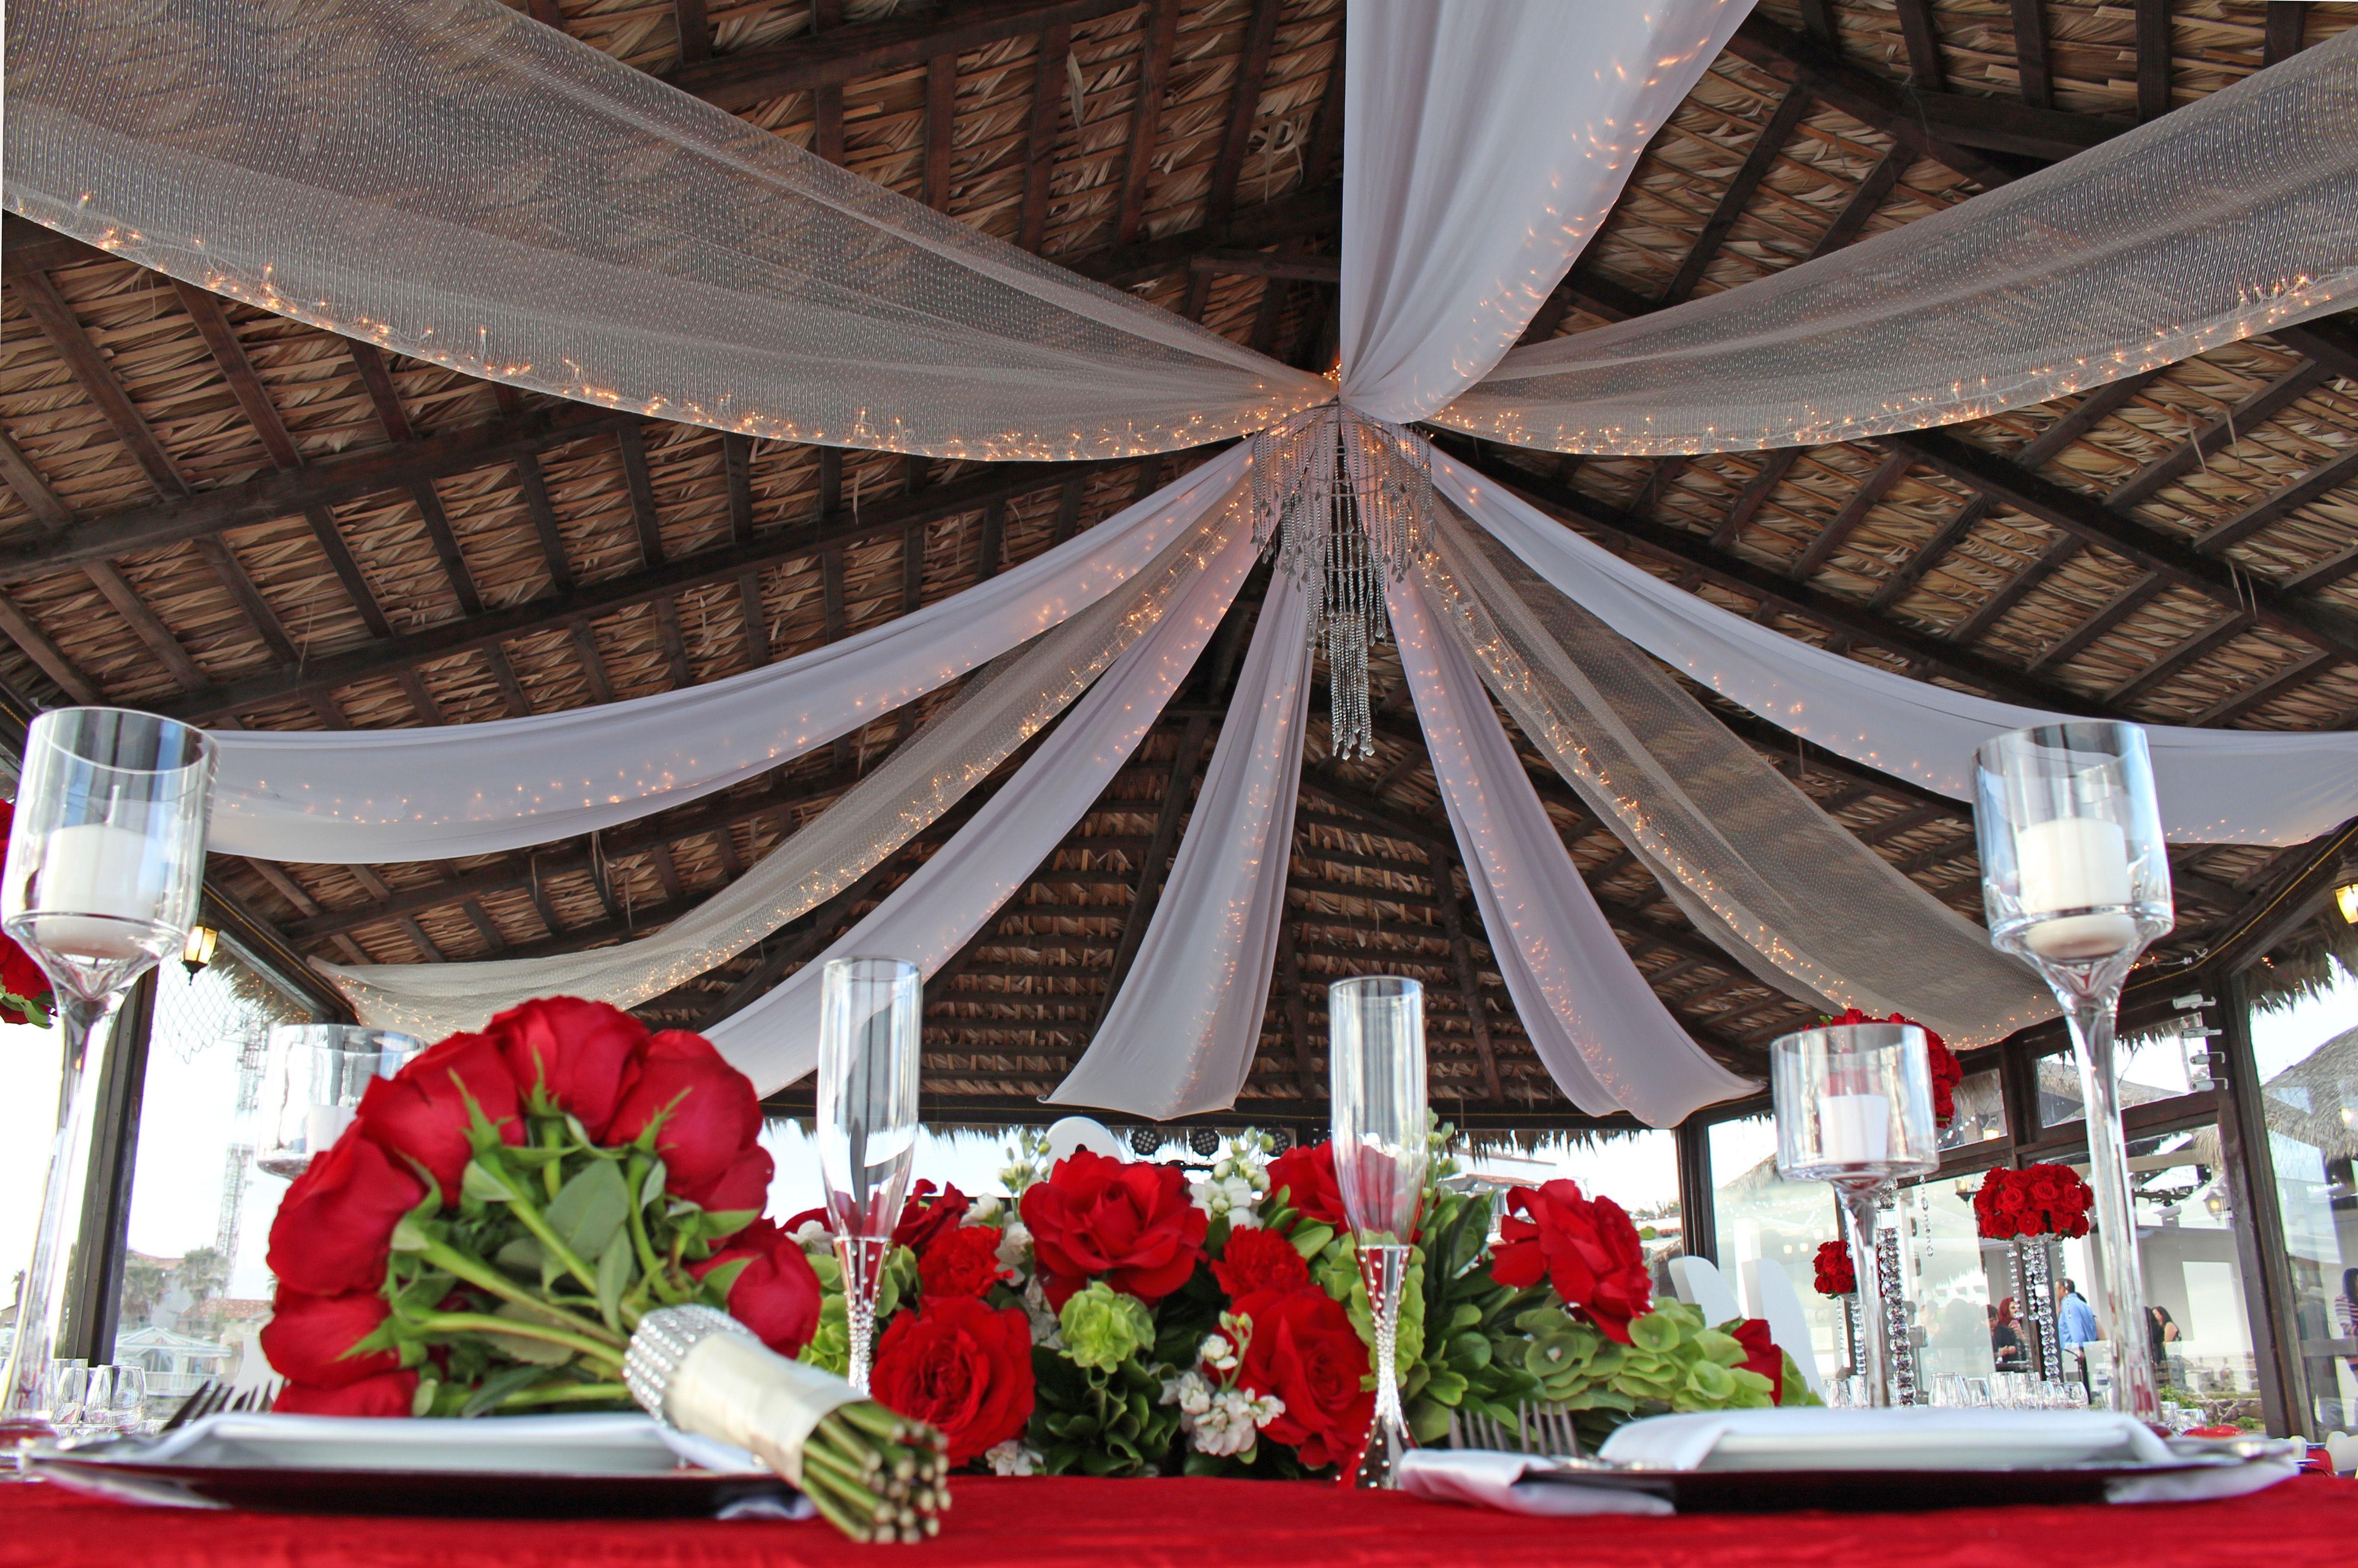 las mejores decoraciones para bodas, en un hambiento unico y especial. Palapa mi capricho bosas en la playa Color rojo